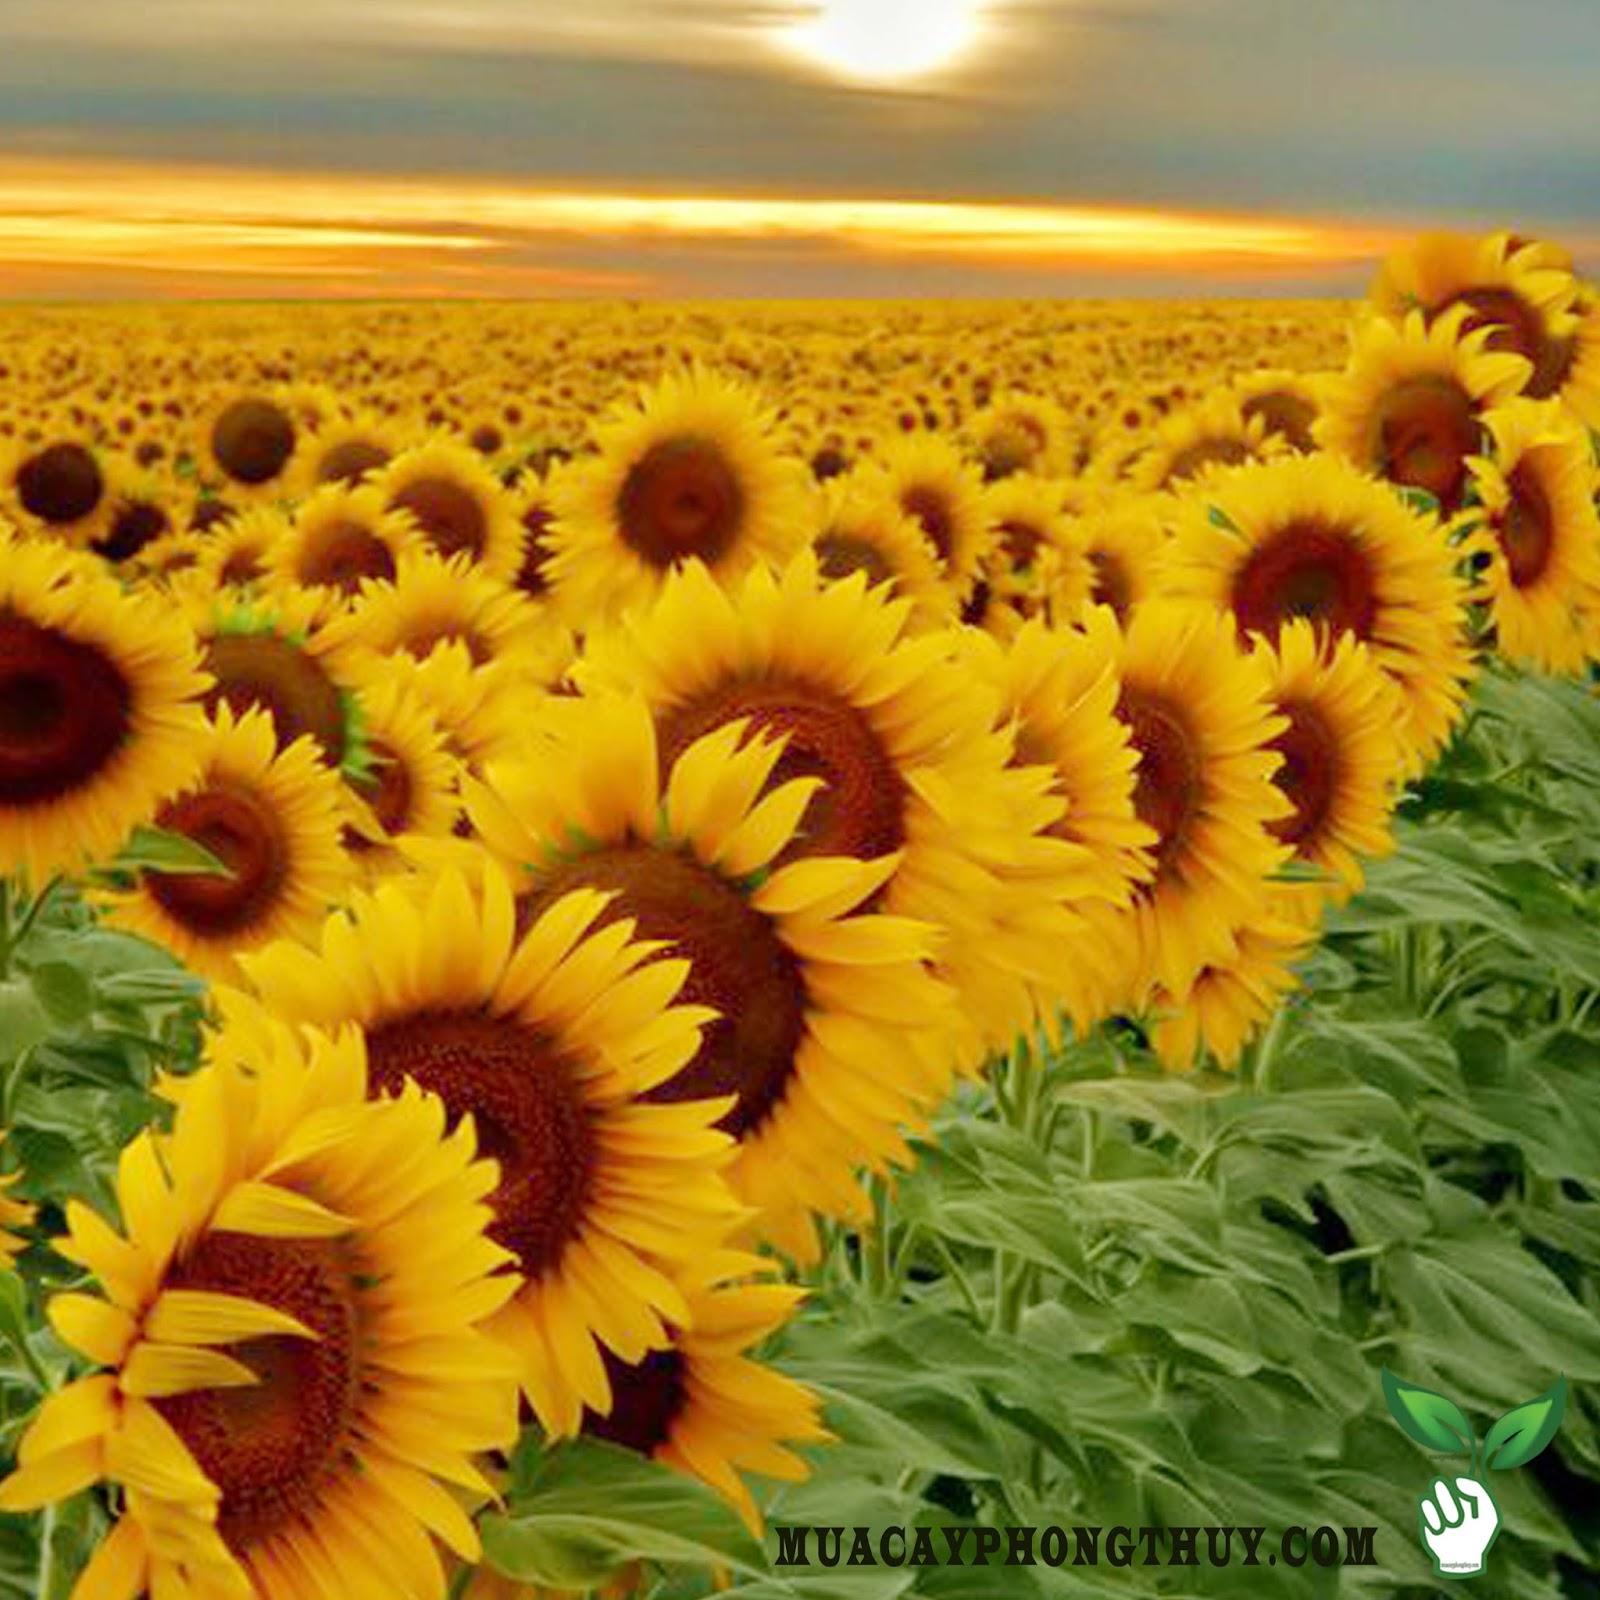 Hoa hướng dương ngày Tết | MUA CÂY PHONG THỦY